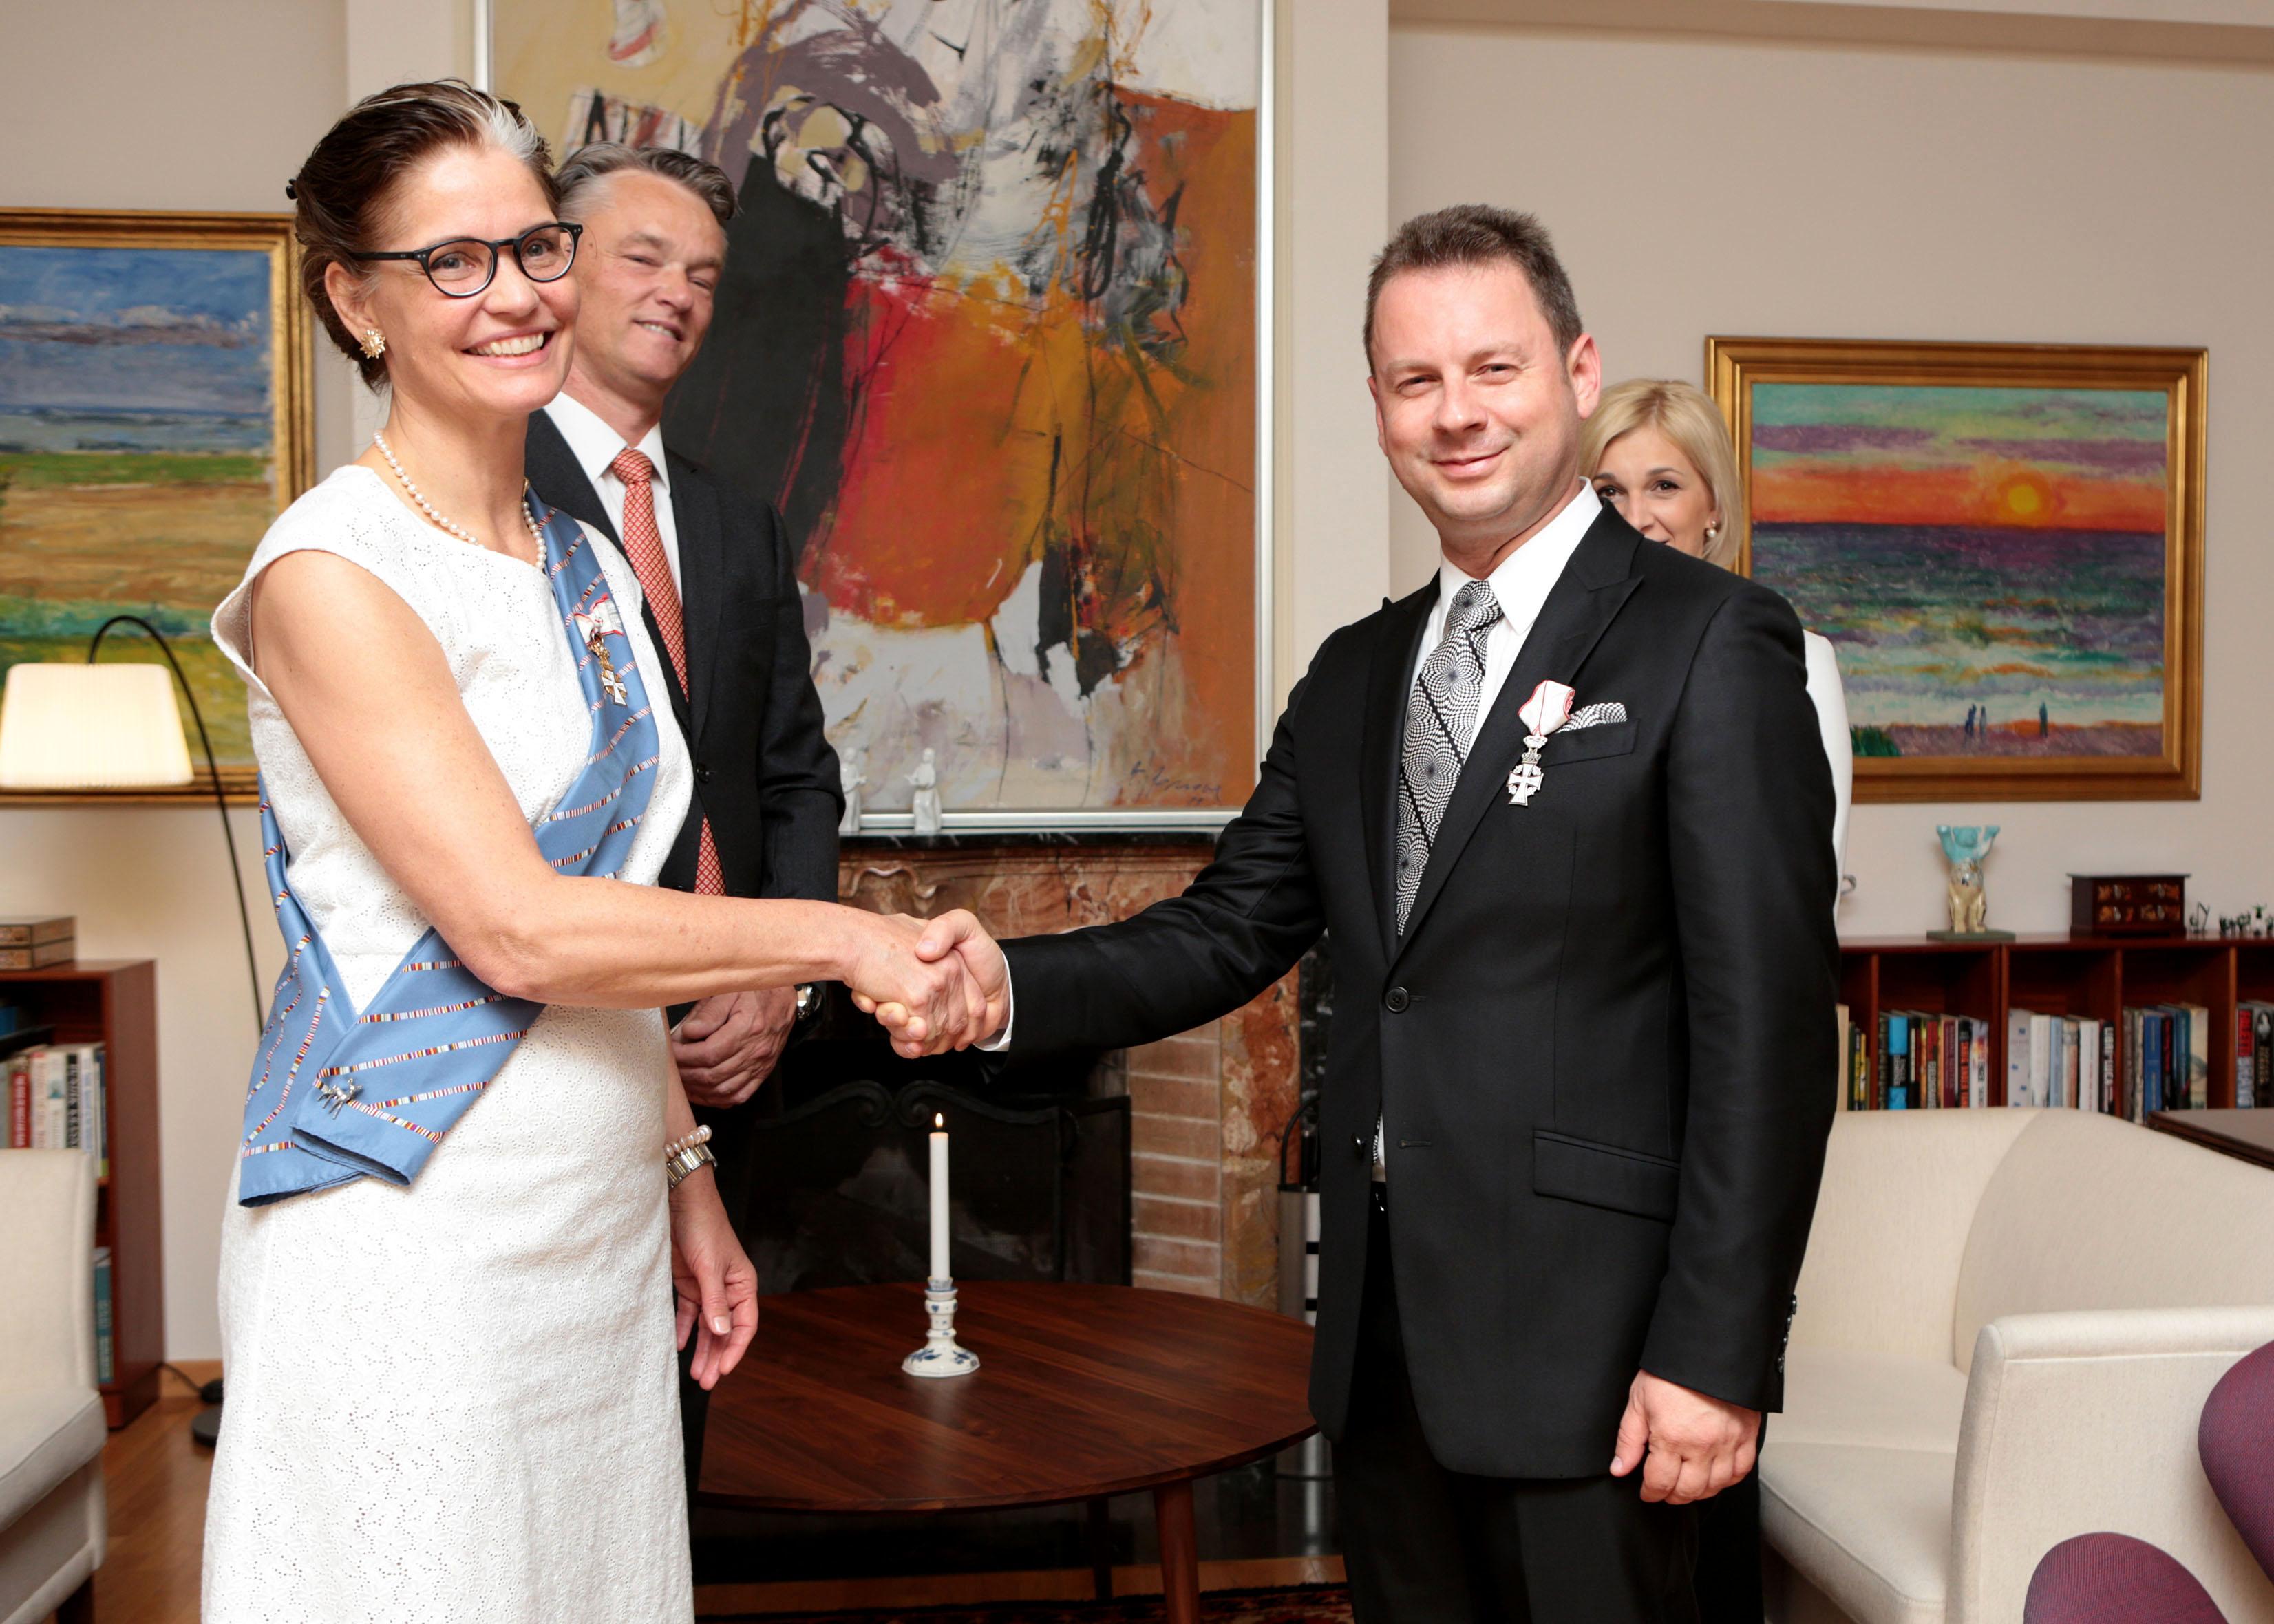 ФОТО: Живко Мукаетов одликуван во Витез на Данското Знаме од Кралицата Маргарете II